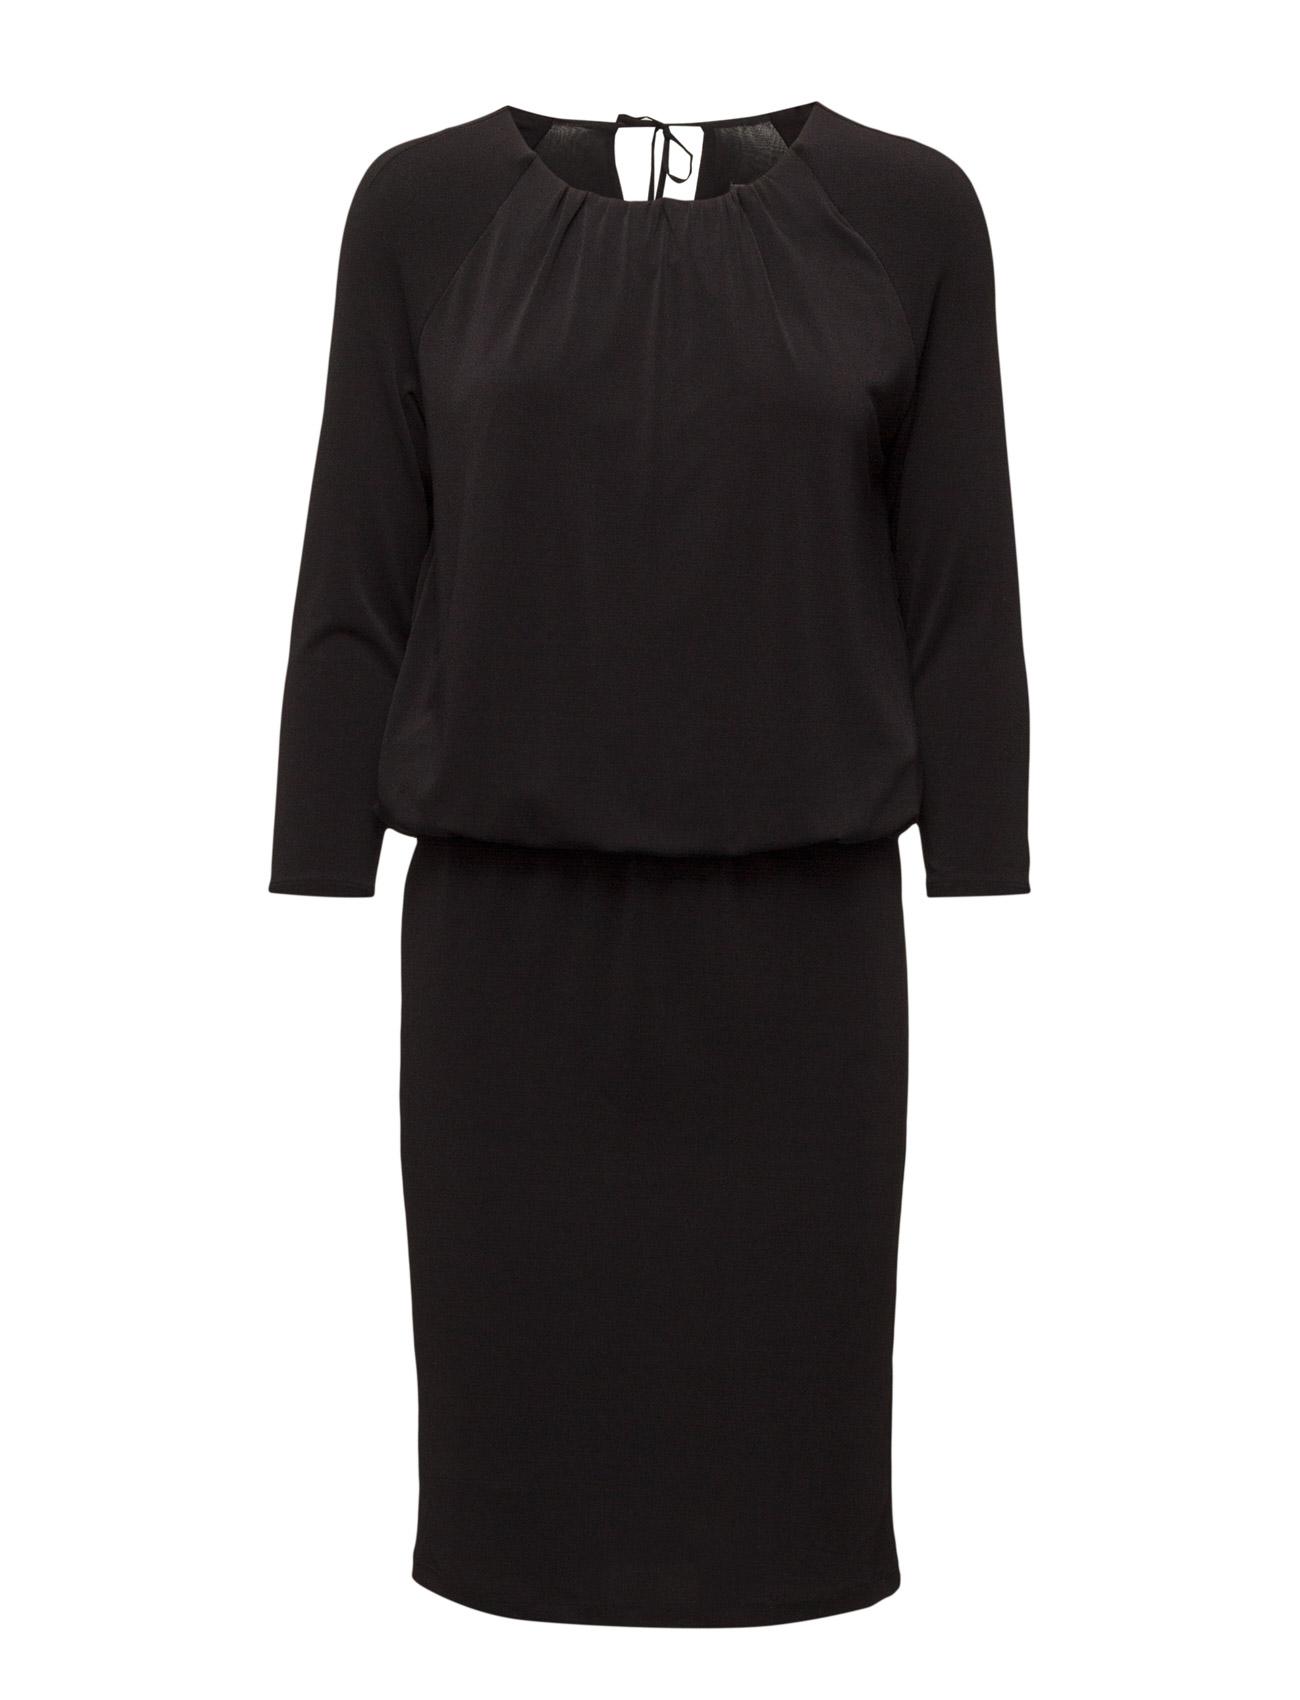 Dresses Woven Esprit Collection Kjoler til Kvinder i Sort